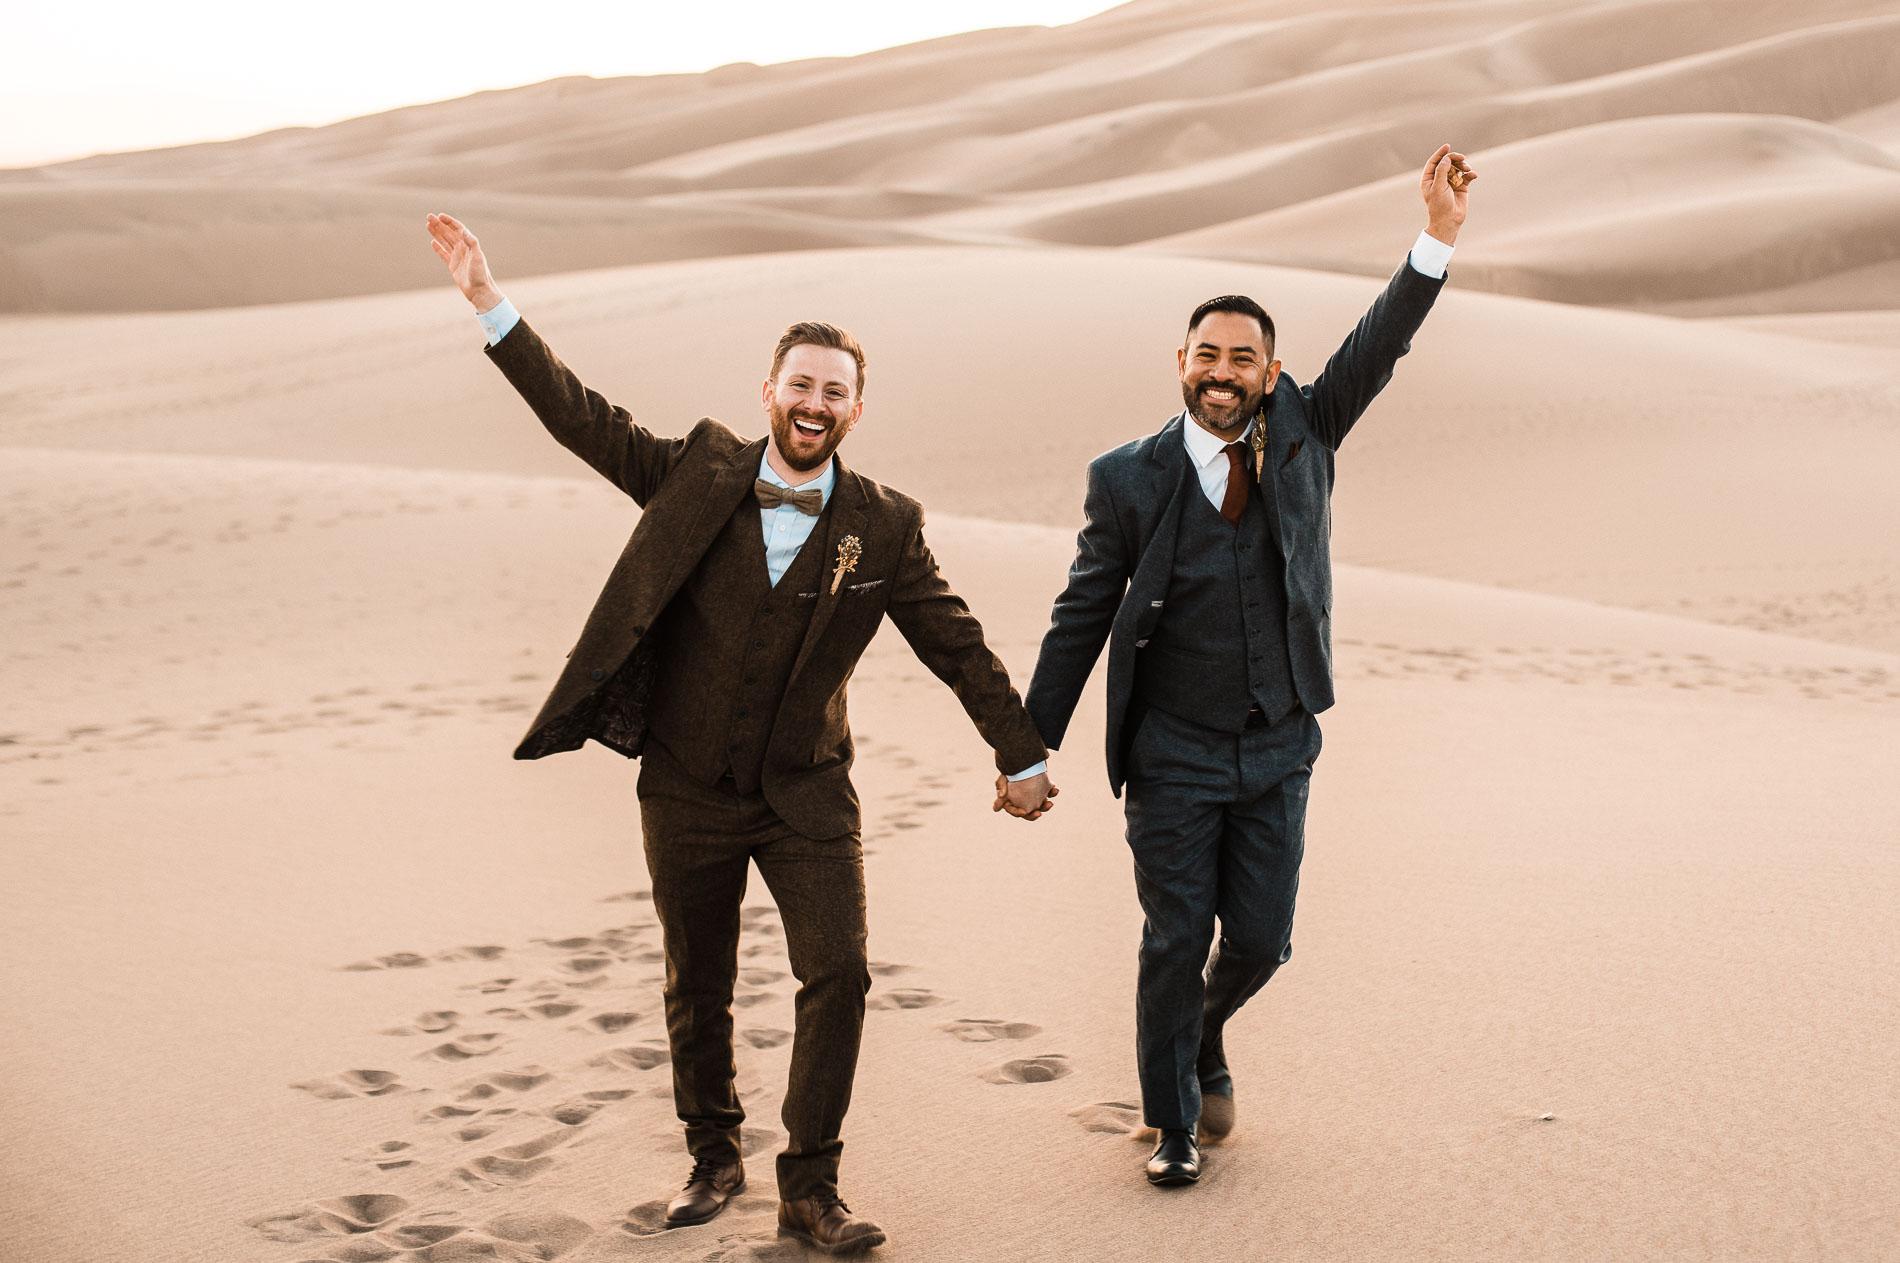 Marlen + Jesus' Sand Dunes Elopement